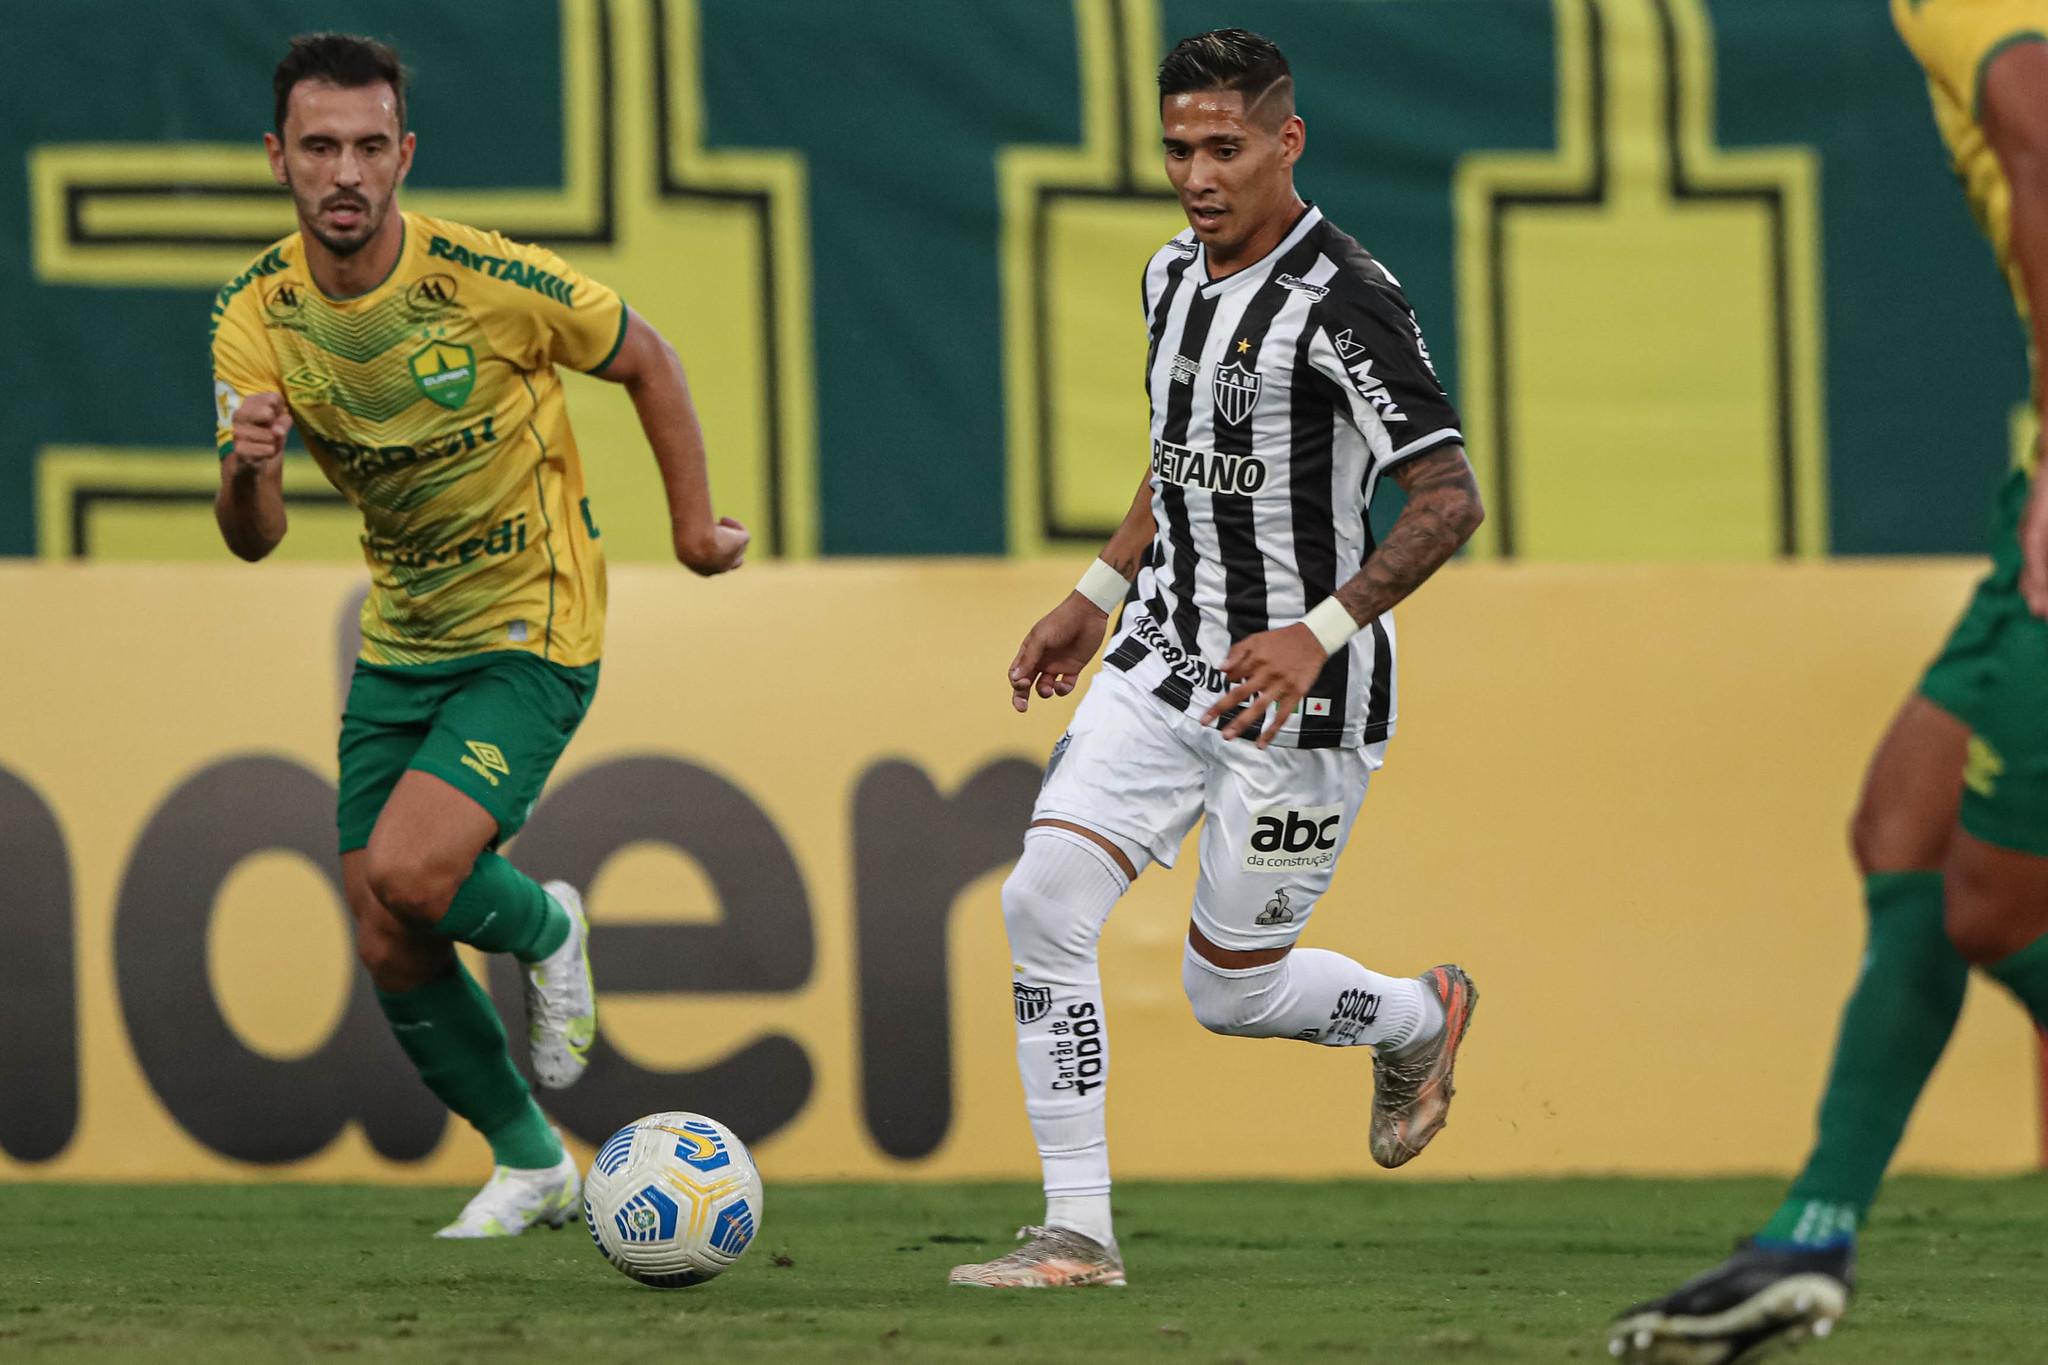 Com dúvidas, Atlético pode ter até três mudanças para enfrentar o Cuiabá